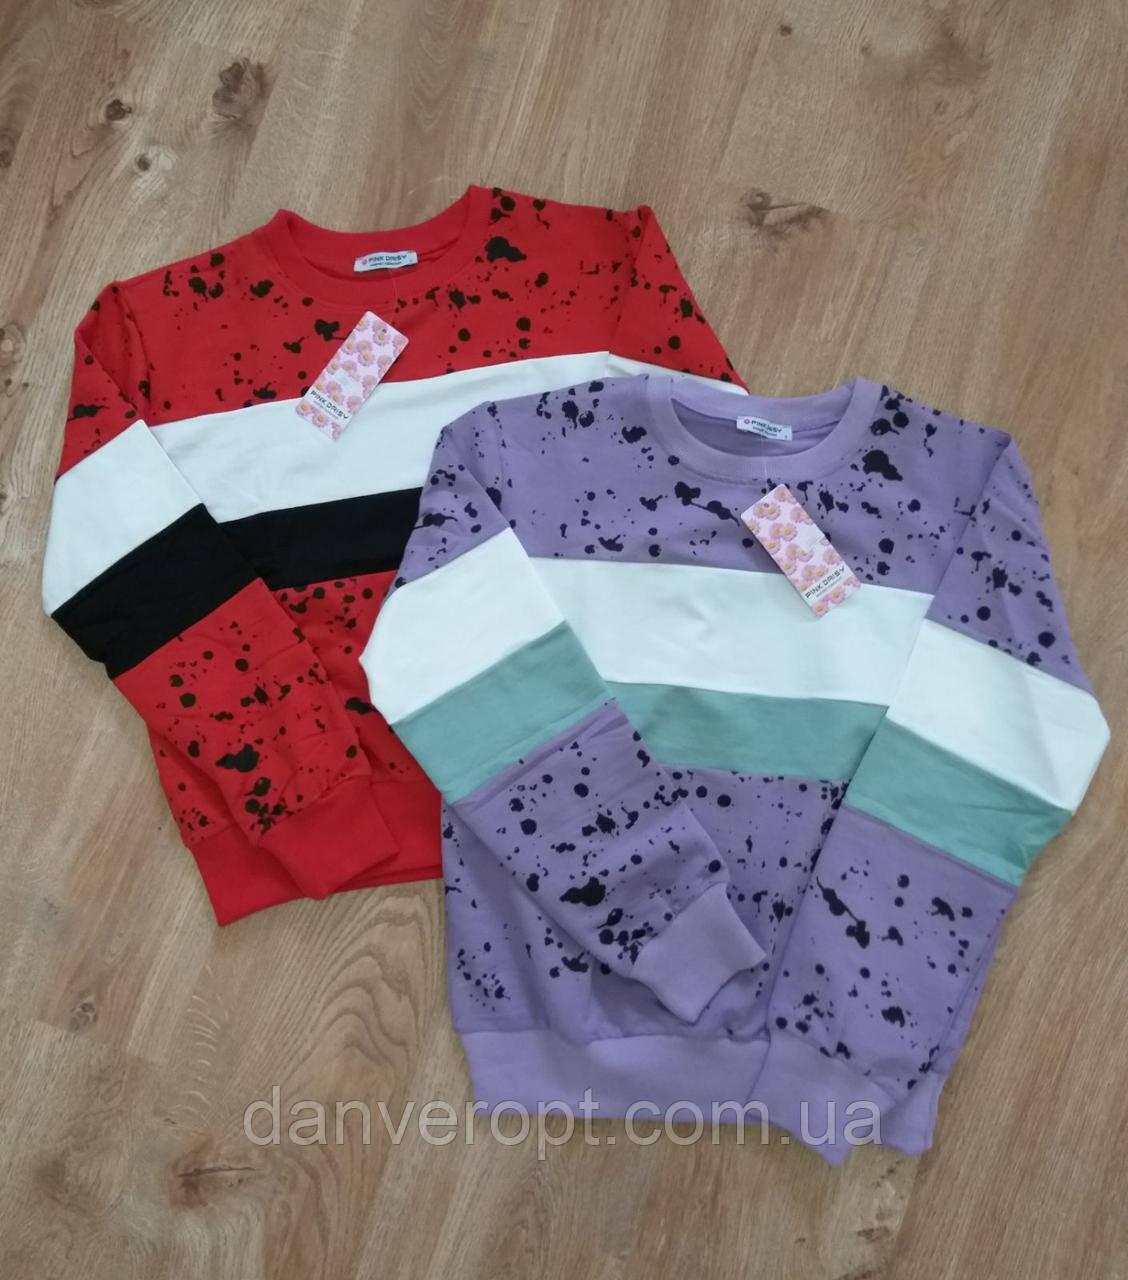 Батник женский модный стильный размер 42-48 купить оптом со склада 7км Одесса